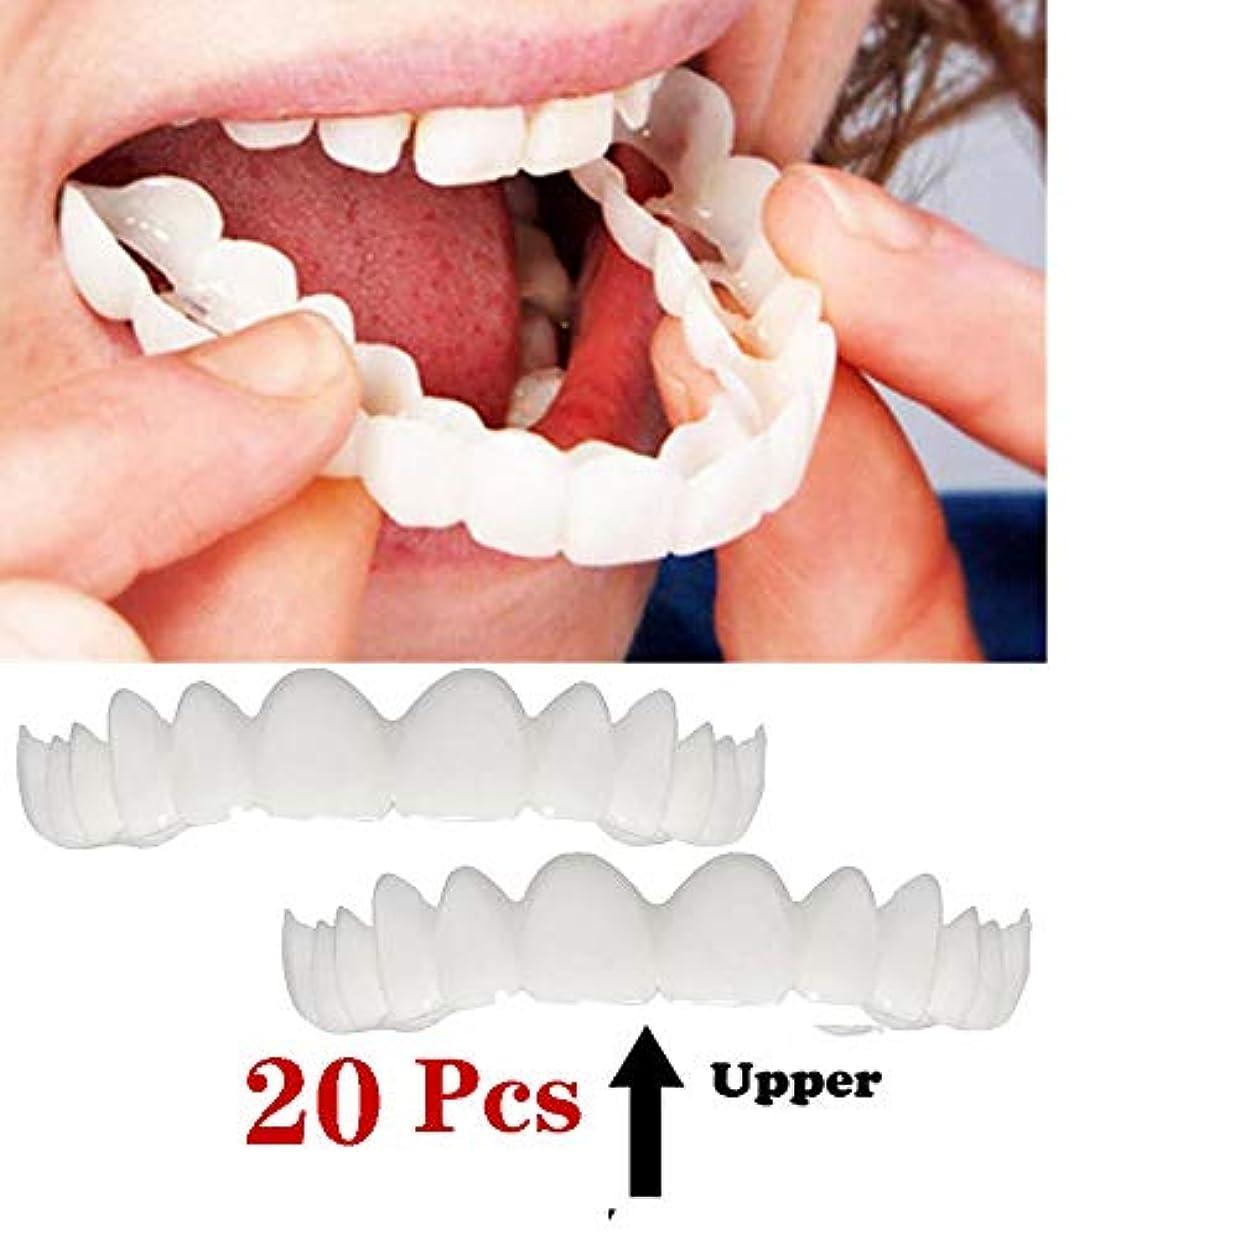 夜リブ描写笑顔の義歯フィットフレックス化粧品の歯快適なベニヤカバーの歯のスナップを白くする笑顔の歯化粧品の義歯、化粧品の歯